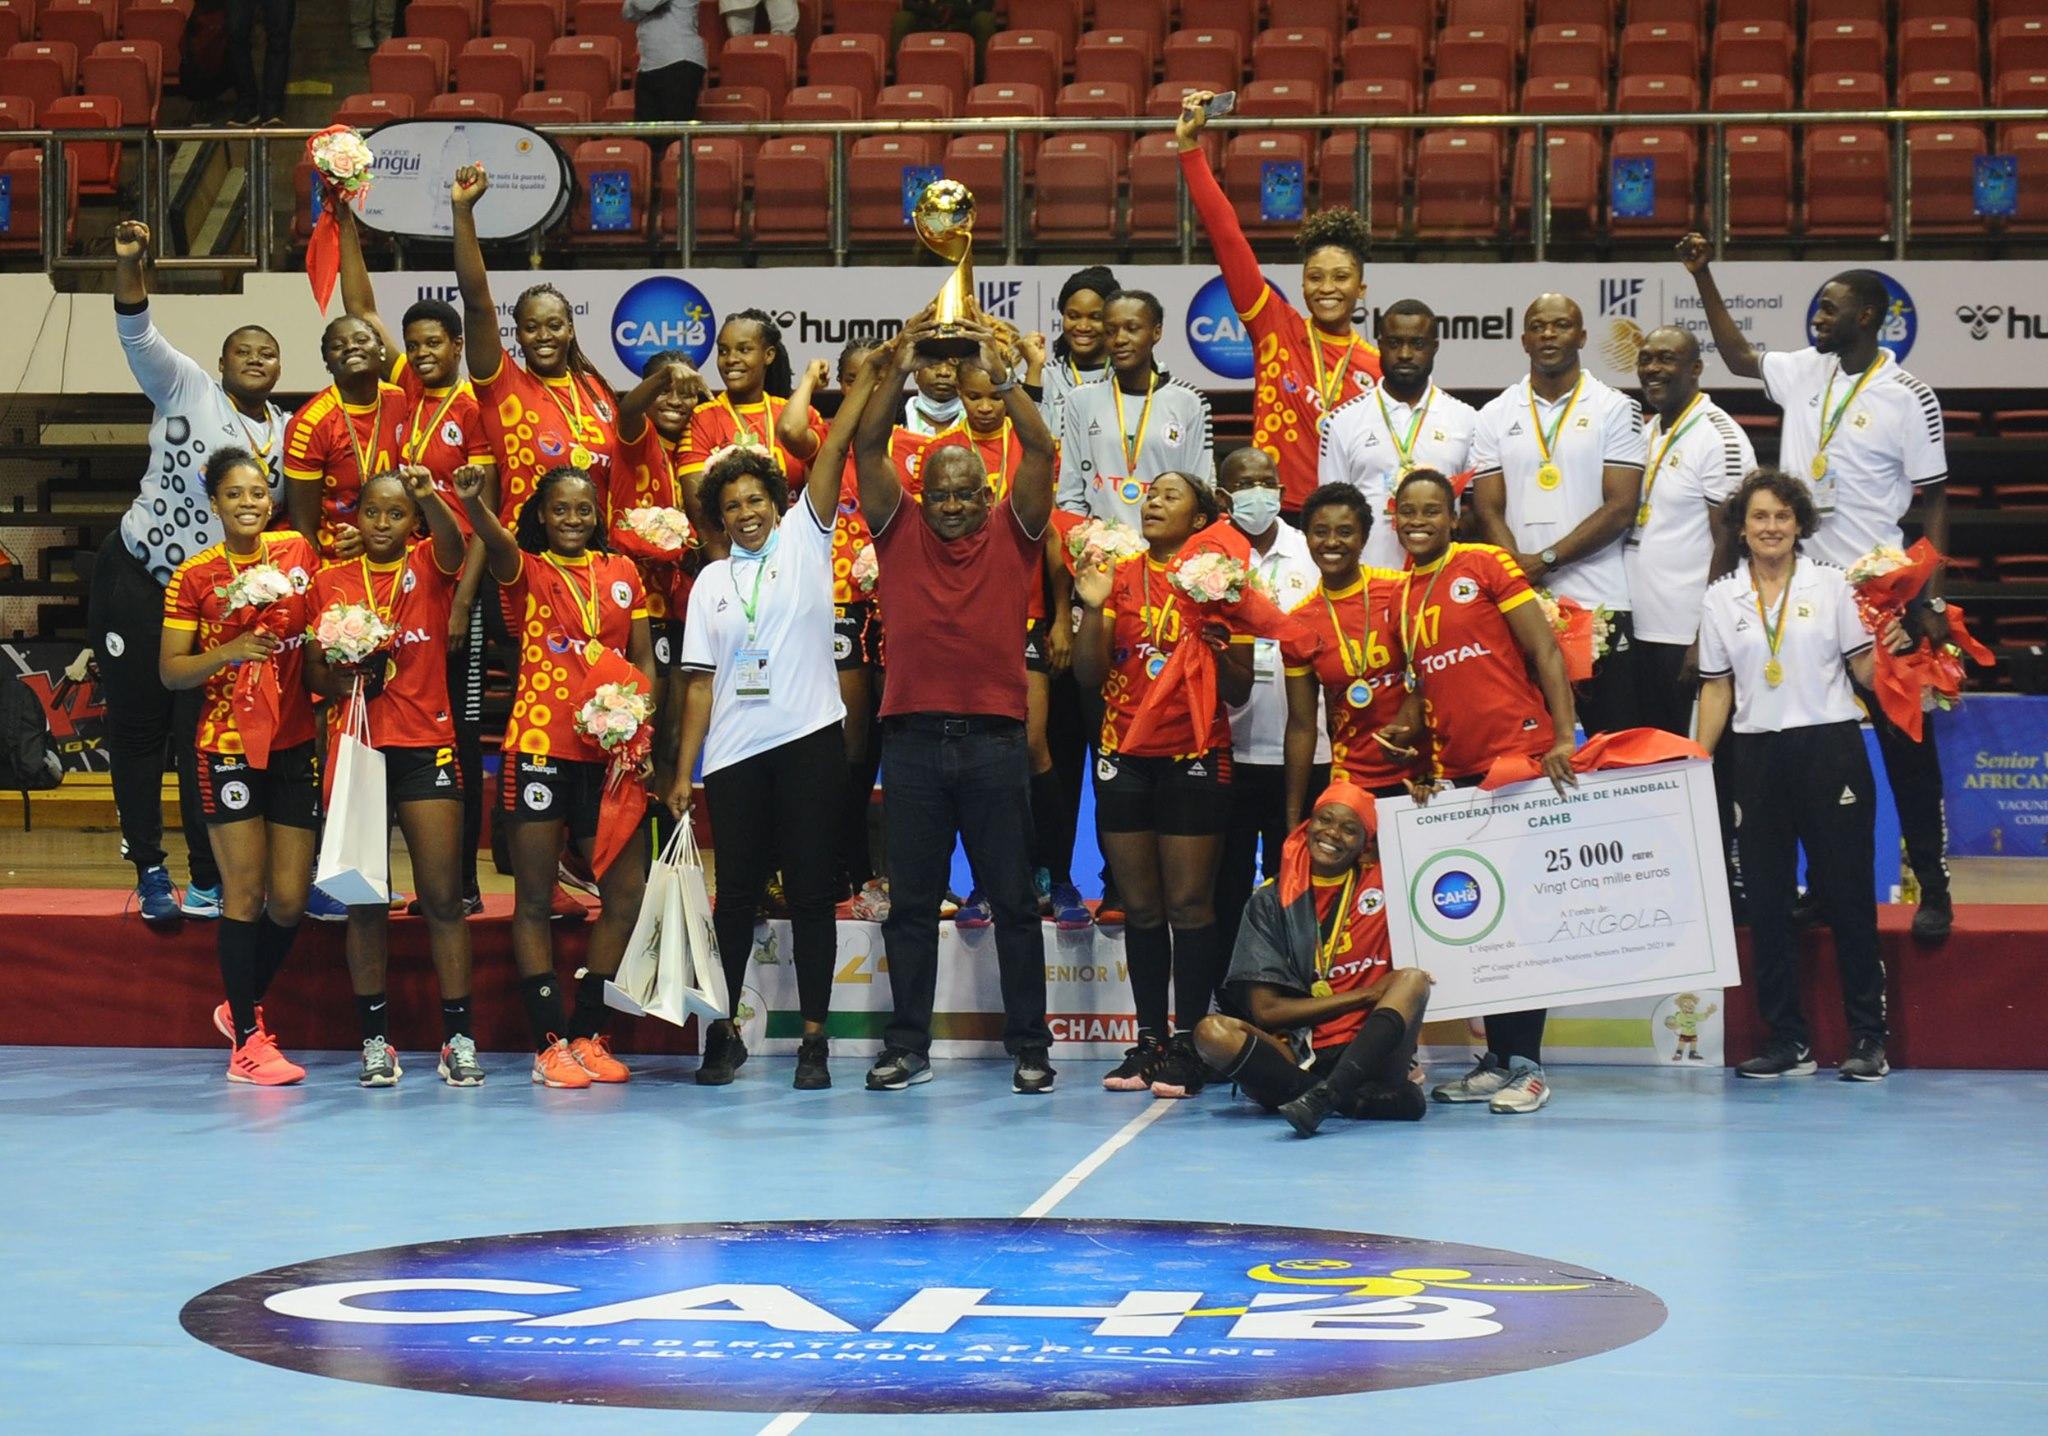 Les handballeuses angolaises sur le toit de l'Afrique.